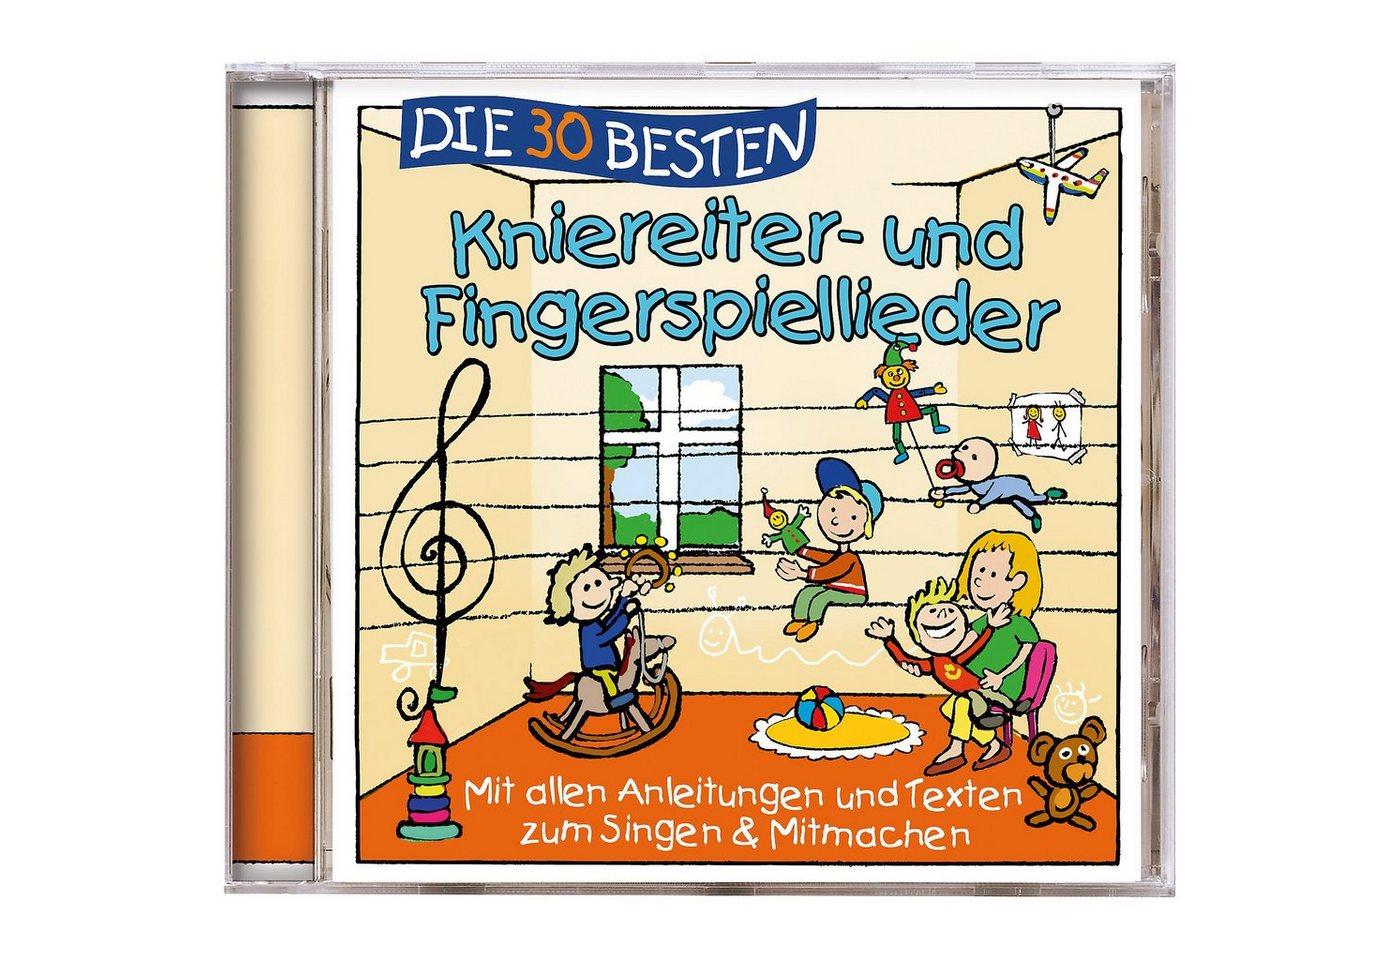 Universal CD Die 30 Besten Kniereiter- und Fingerspiellieder